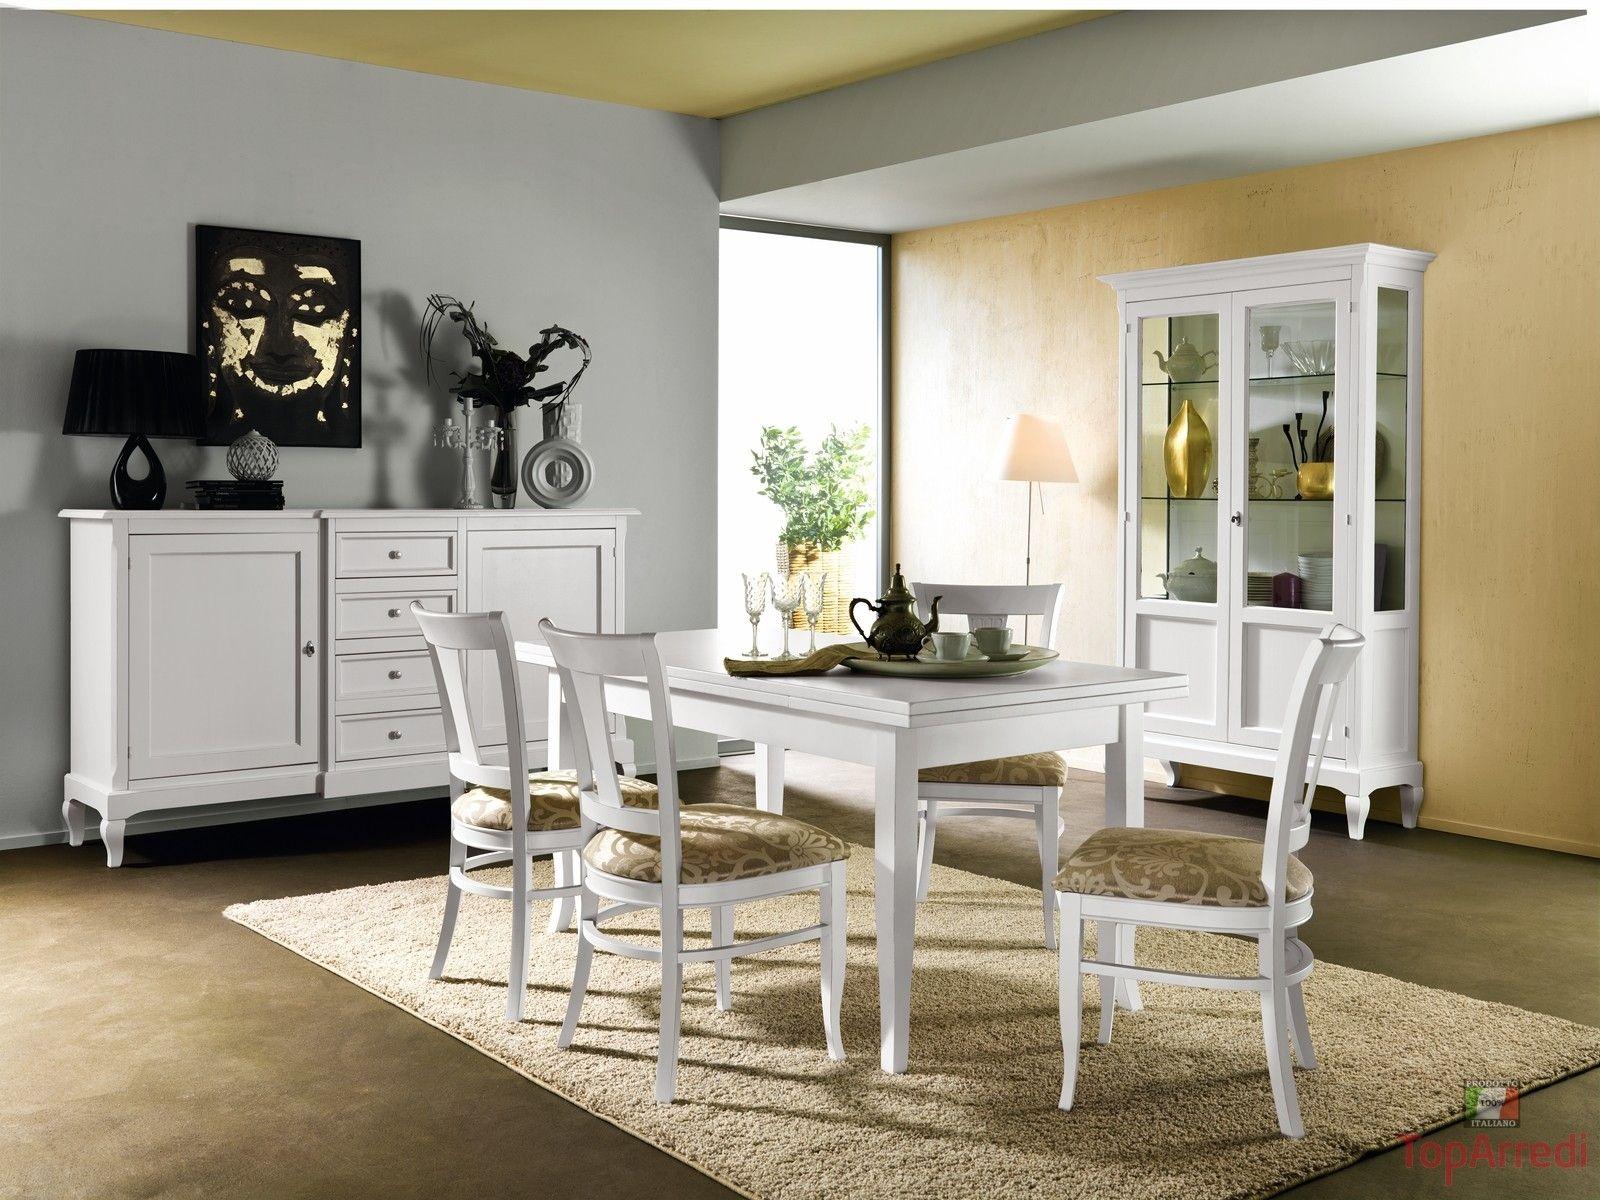 Credenza Per Sala Pranzo : Credenza bianca antiques set sala da pranzo e emejing mobile per in